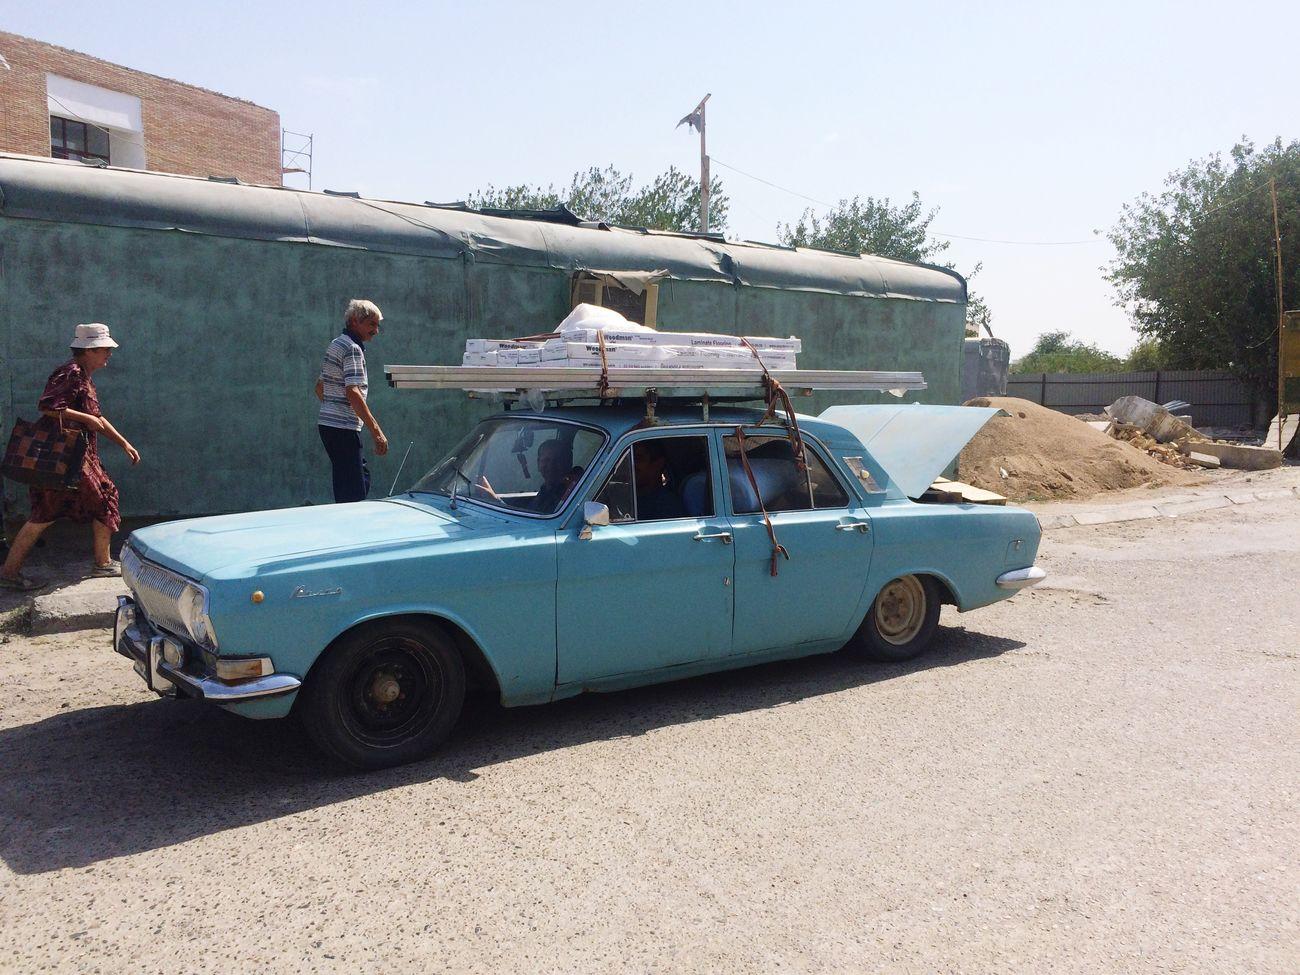 Wolga Soviet Car First Eyeem Photo Millennial Pink Uzbekistan Uzbek People Buxoro